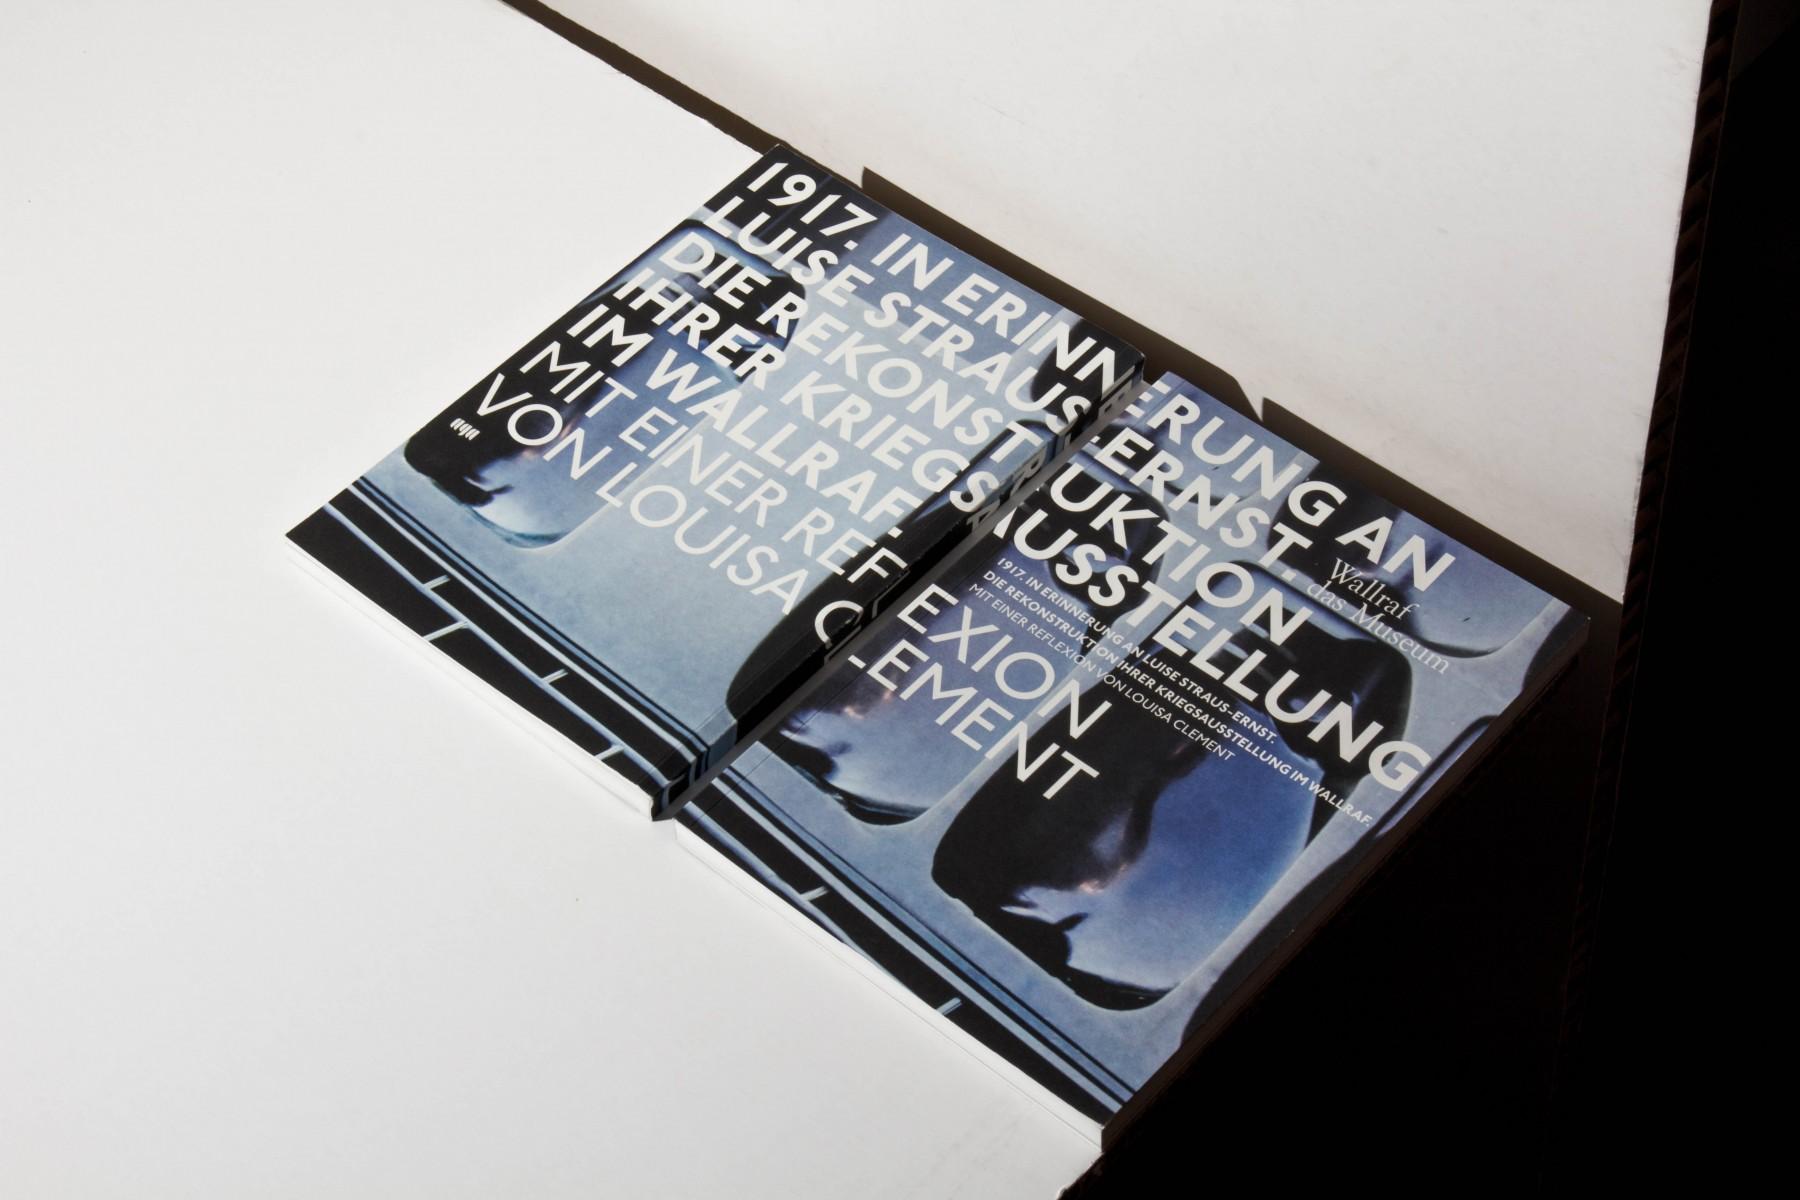 1917 – In Erinnerung an Luise Straus-Ernst. Die Rekonstruktion ihrer Kriegsausstellung im Wallraf. Mit einer Reflexion von Louisa Clement